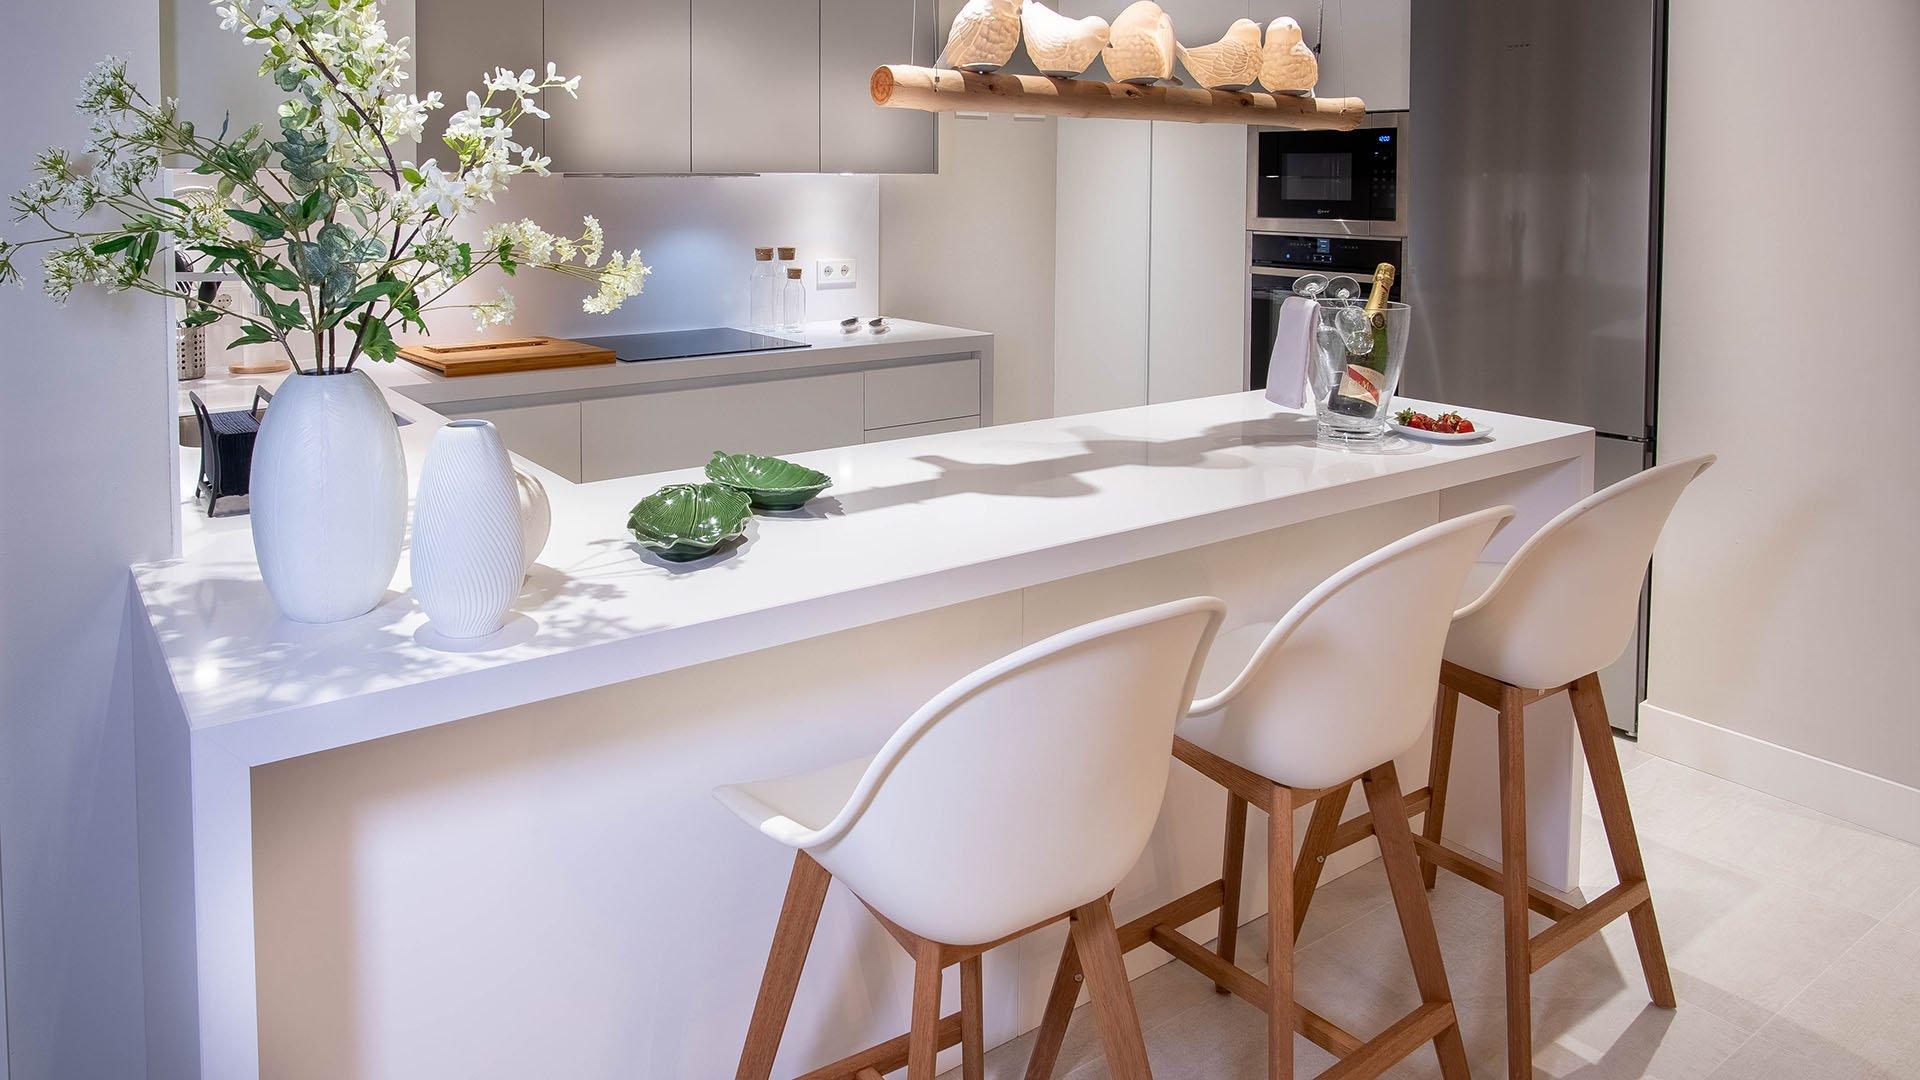 Azahar De Marbella:  Spectaculair 3 slaapkamer appartement met zeezicht Nueva Andalucia